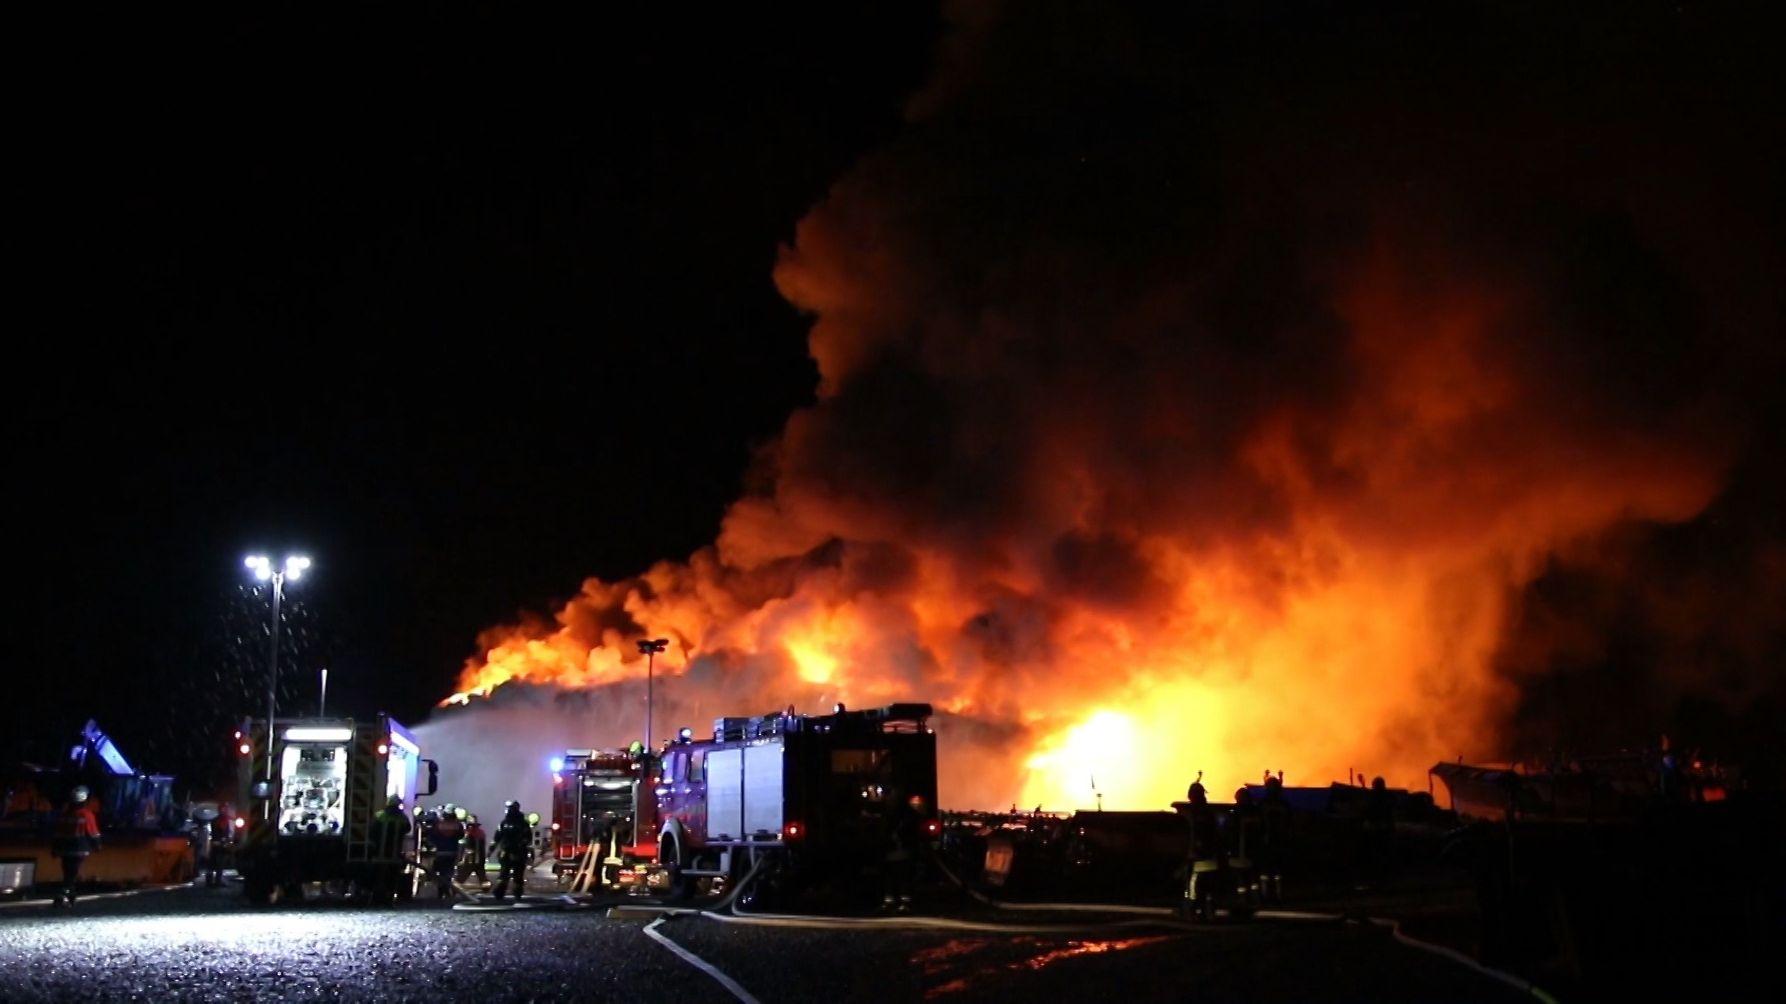 200 Feuerwehrleute waren bei den Löscharbeiten der Lagerhalle in Tittling im Einsatz